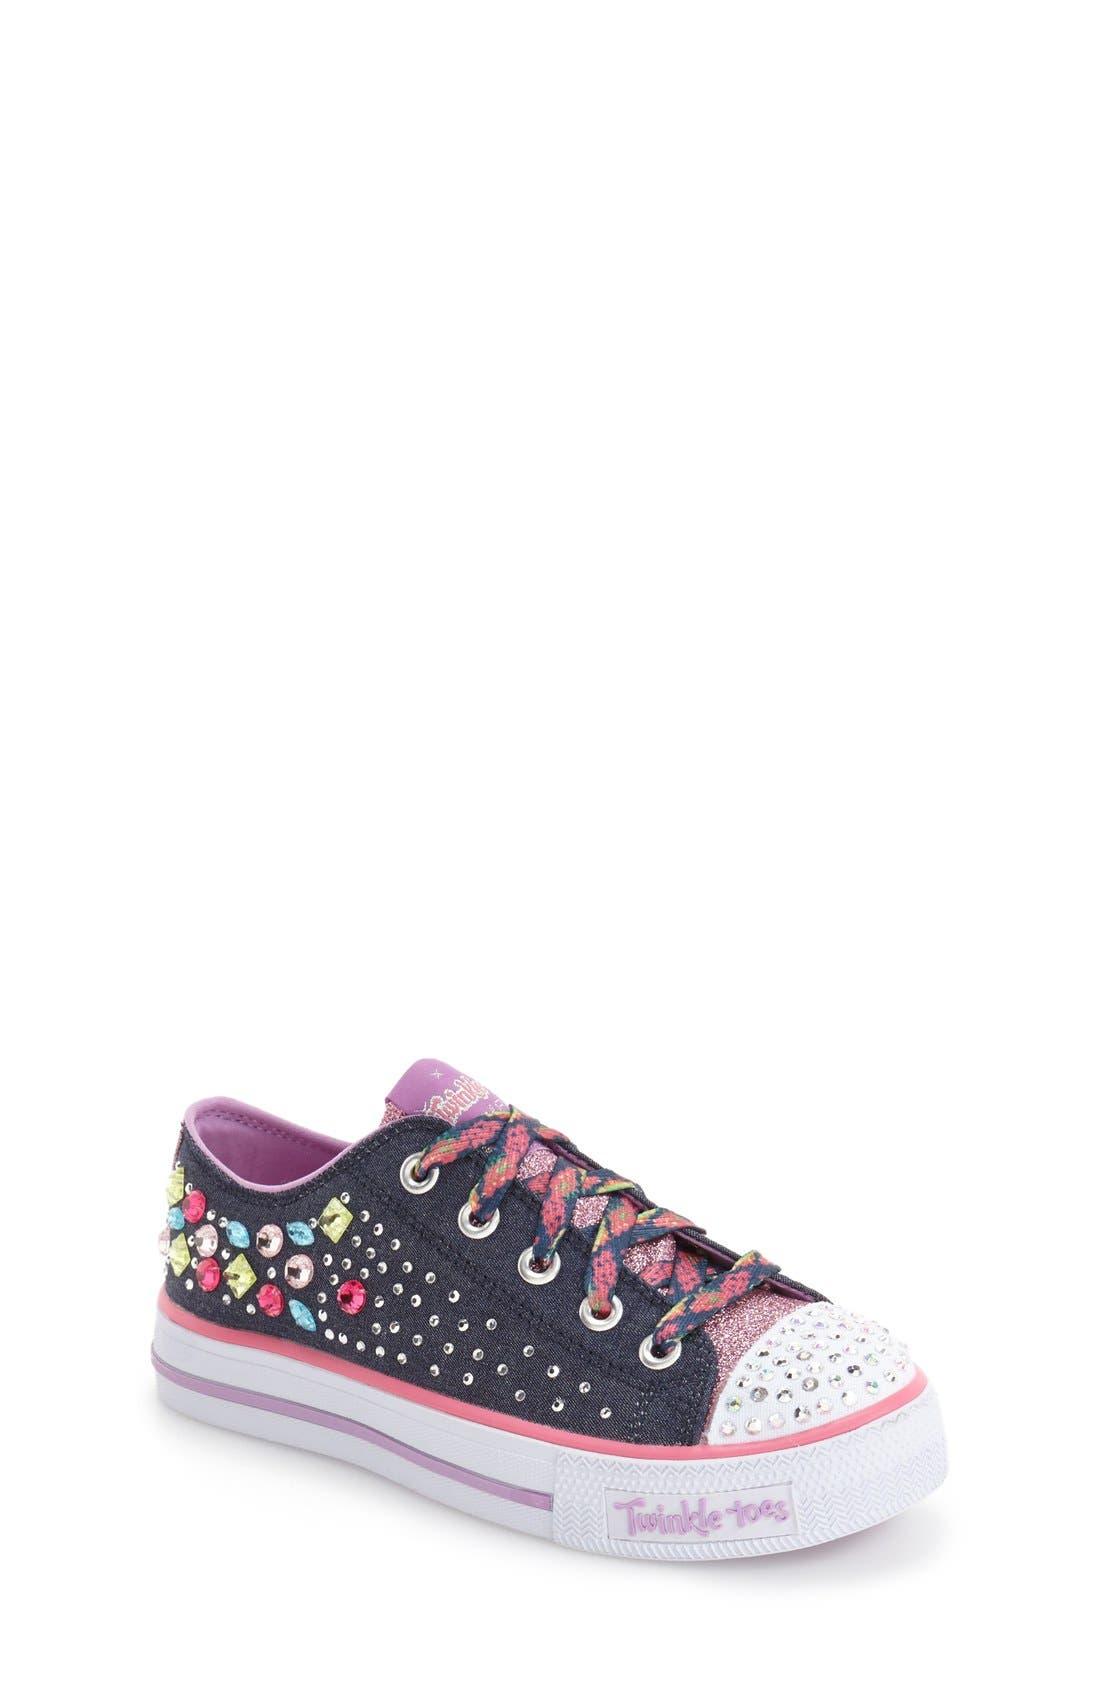 SKECHERS Twinkle Toes Shuffles Light-Up Sneaker